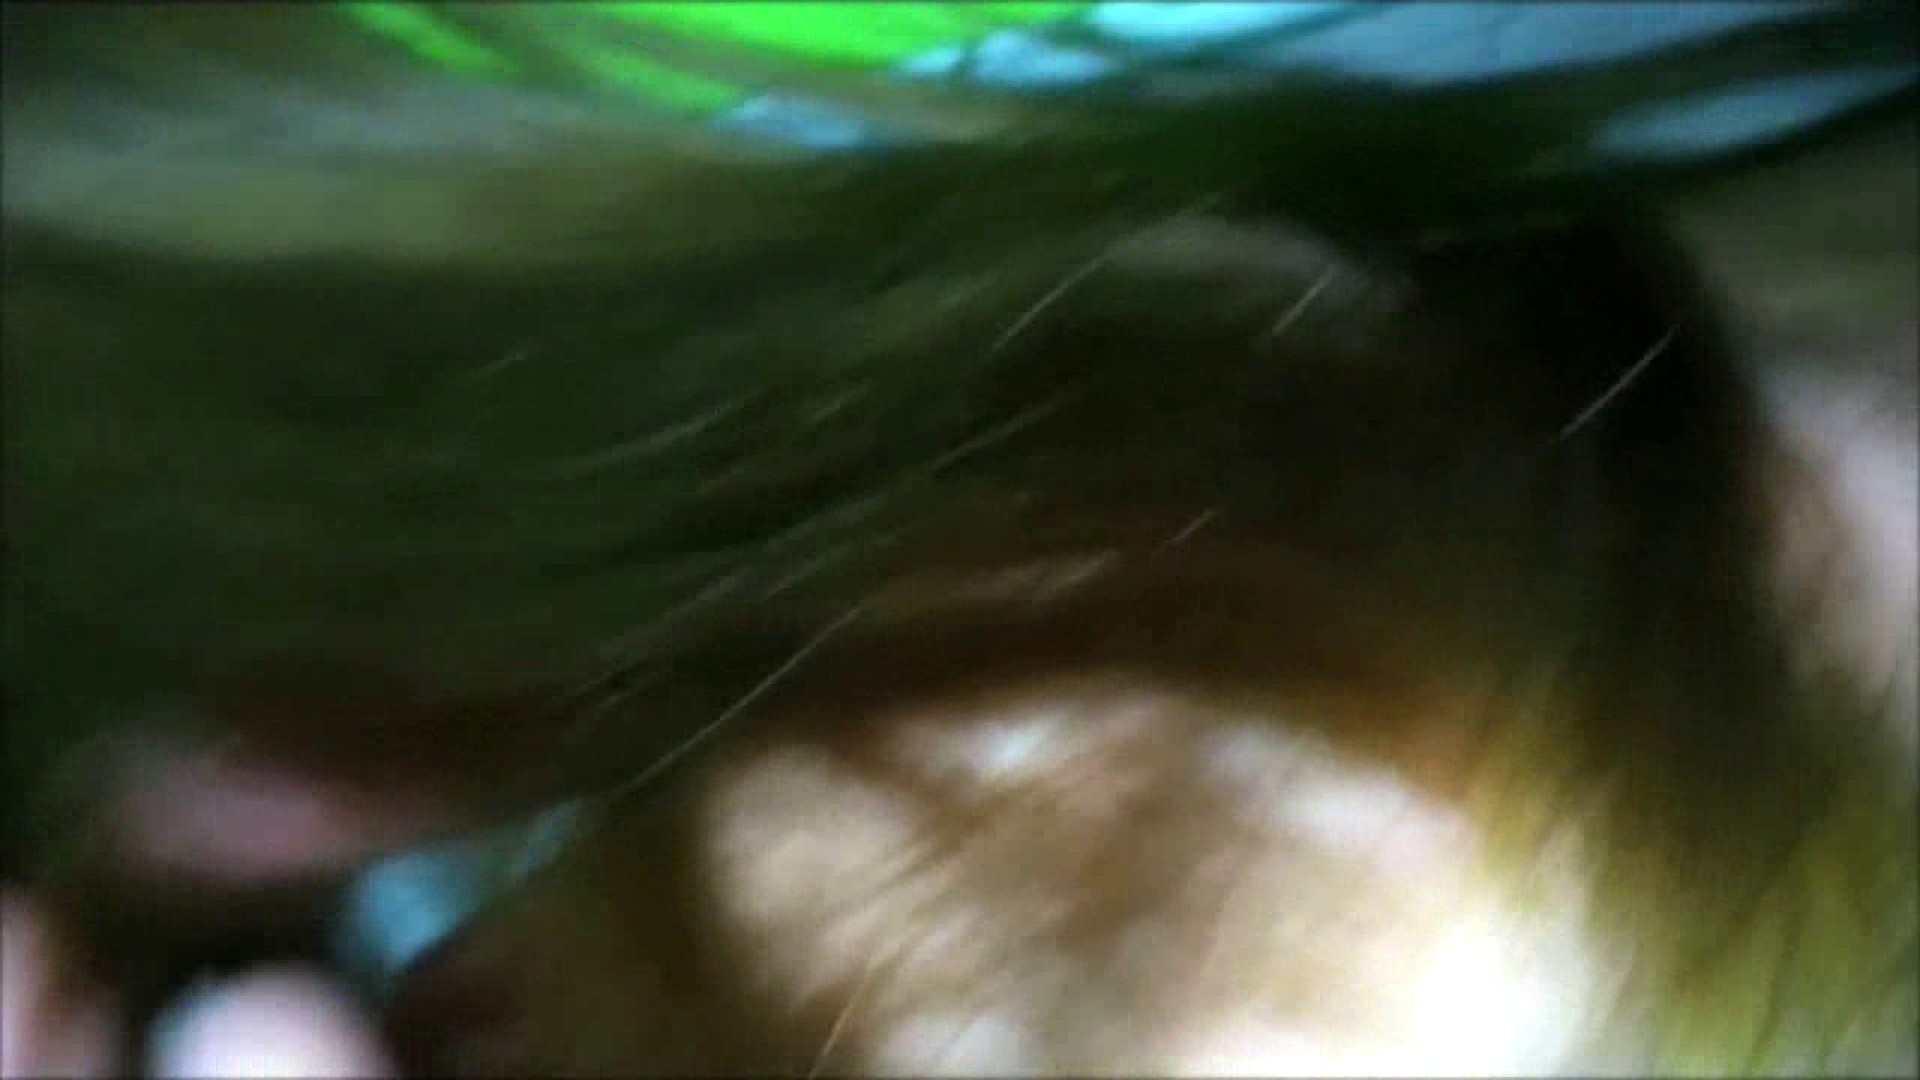 魔術師の お・も・て・な・し vol.15 ギャル系女子大生にブチ込ム! イタズラ 盗み撮りAV無料動画キャプチャ 66連発 47